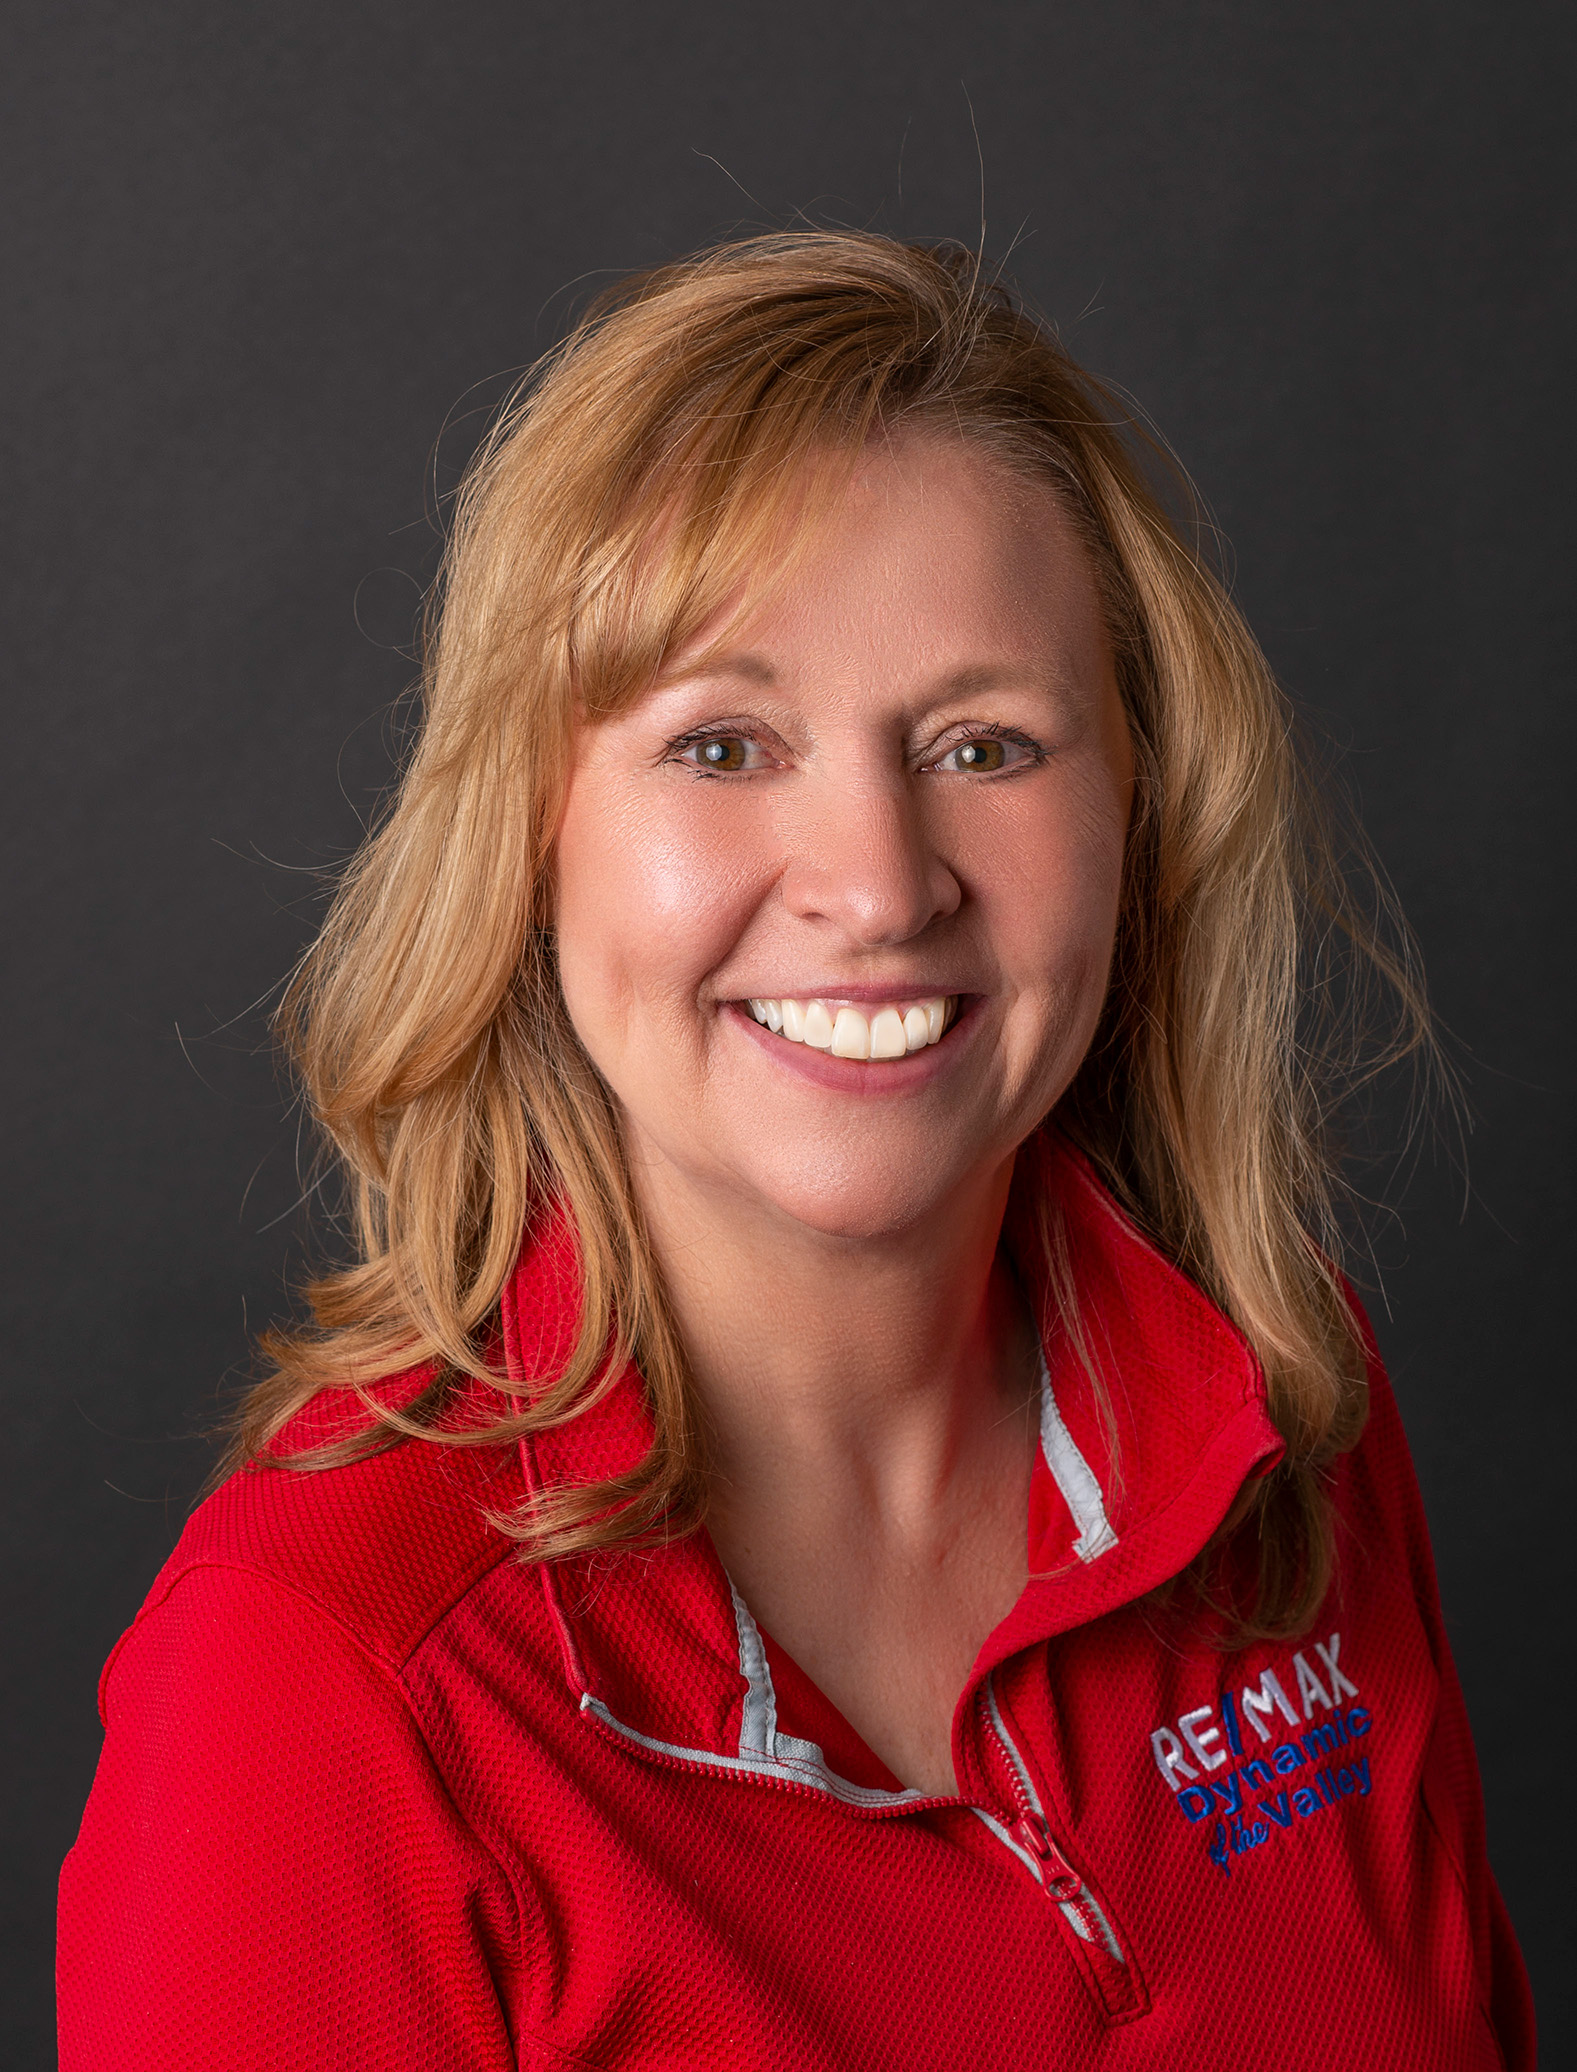 Lori Leahy